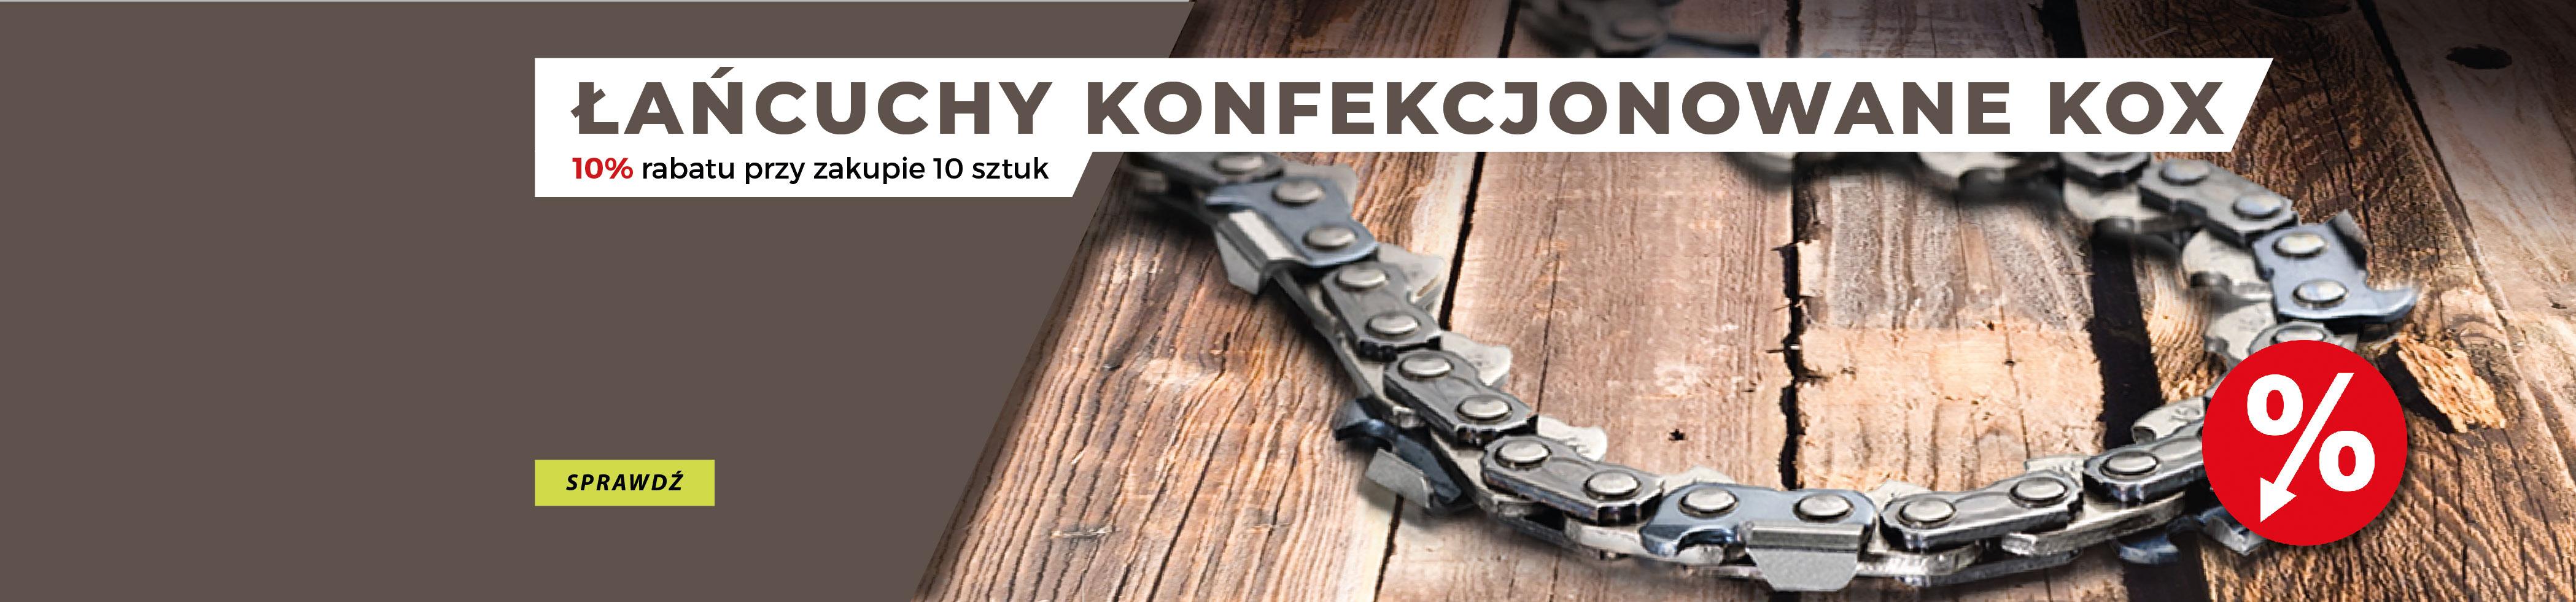 Łańcuchy konfekcjonowane KOX do harwestera - 10% rabatu przy zakupie 10 sztuk